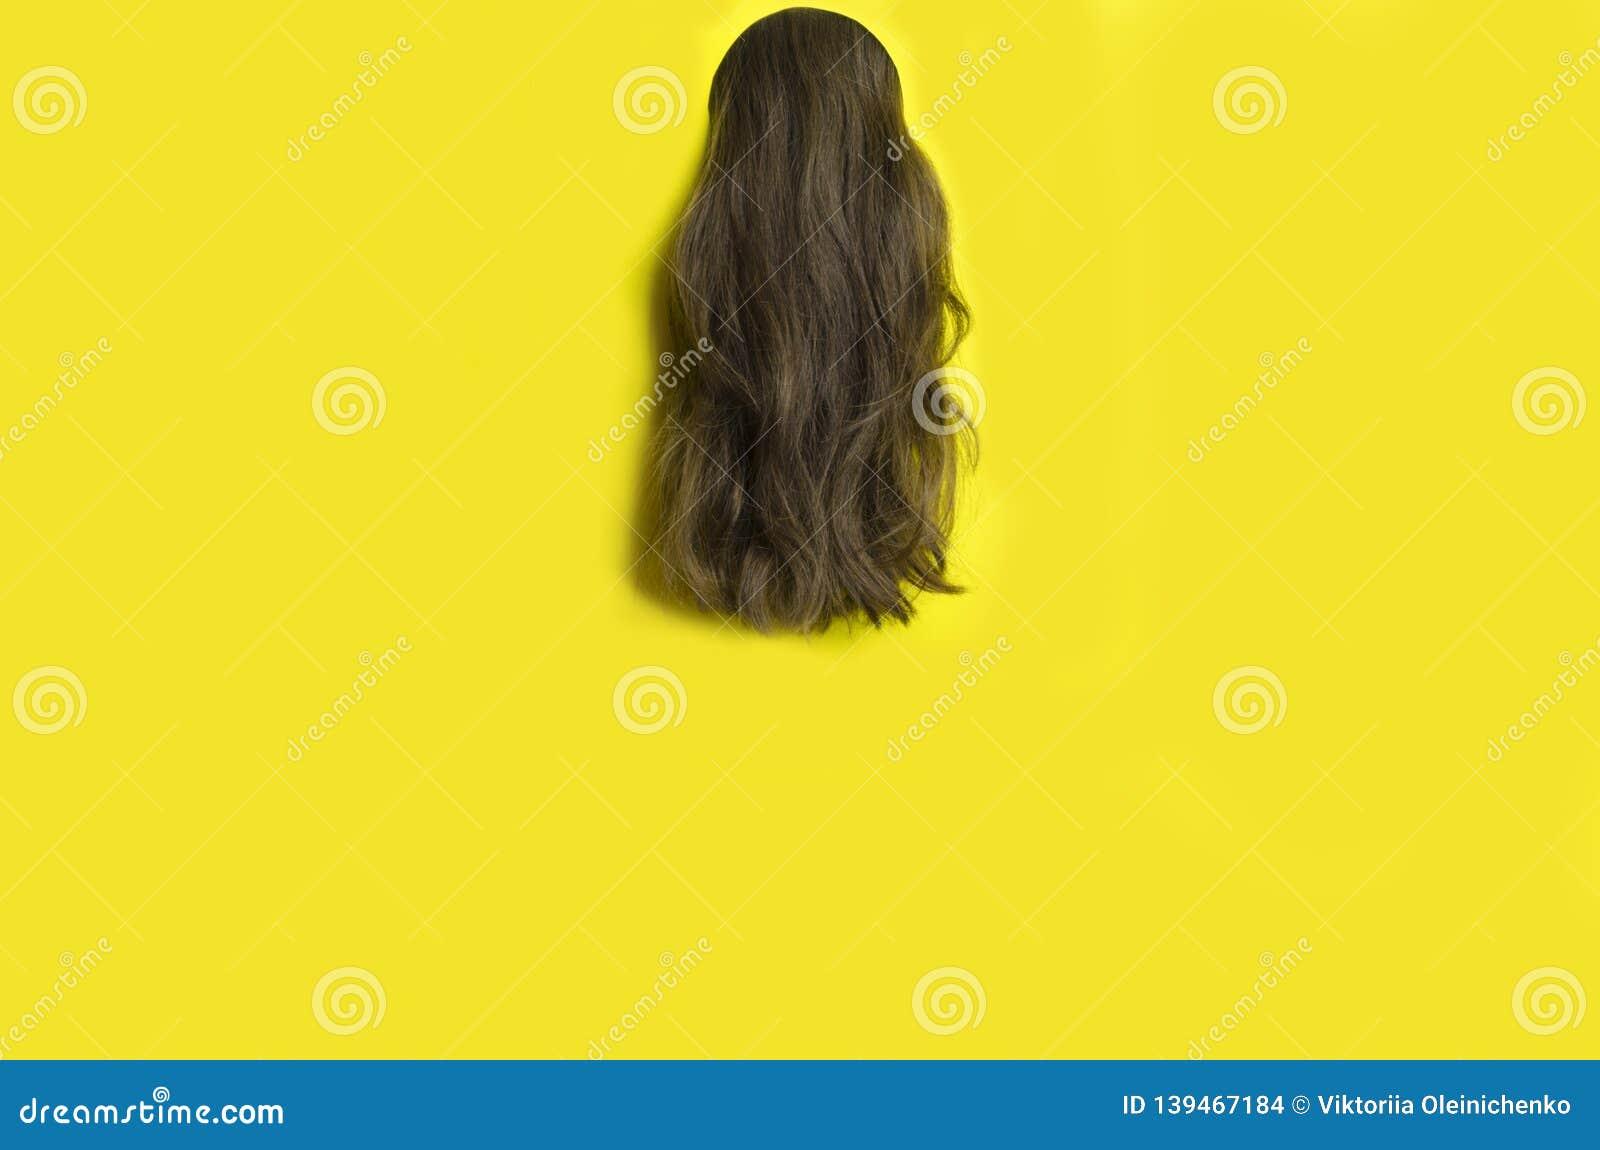 Szablon dla fryzjera Tęsk falisty włosy przeciw żółtemu tłu, kopii przestrzeń